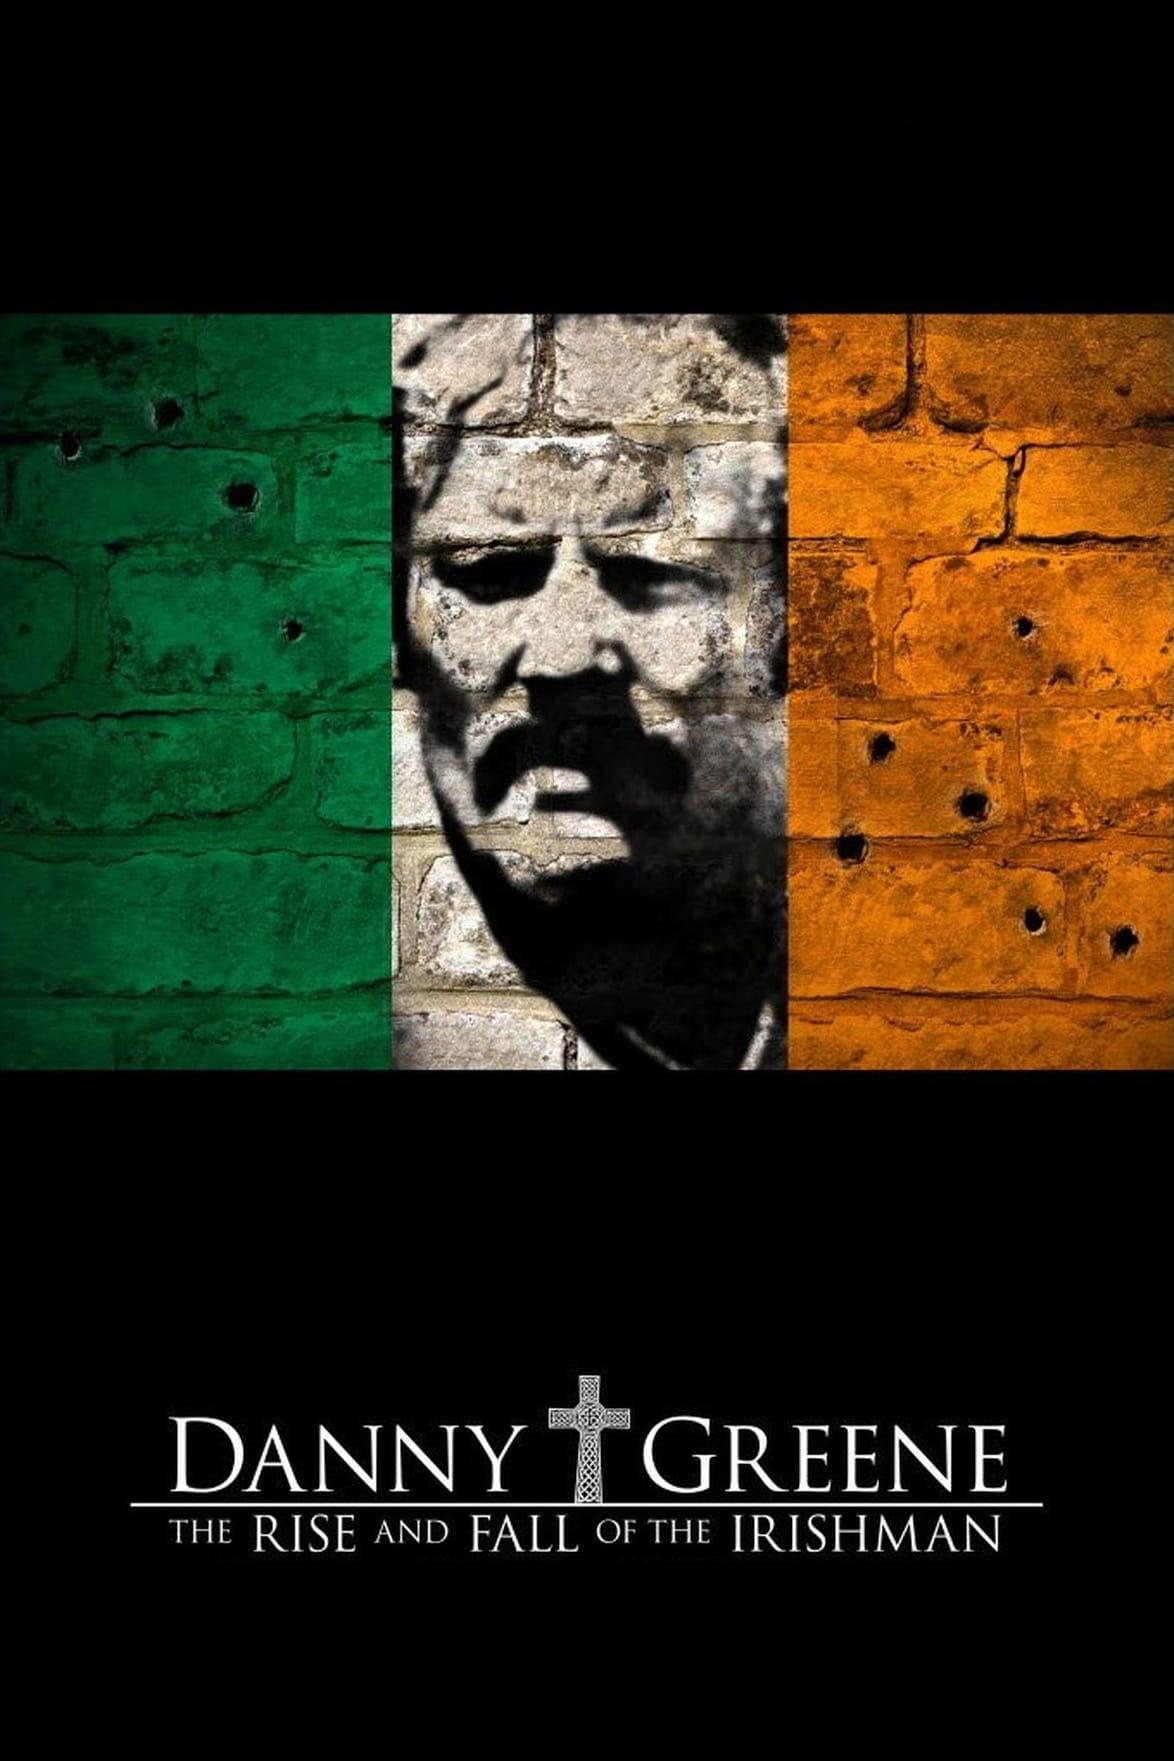 Danny Greene: The Rise and Fall of the Irishman (2011)